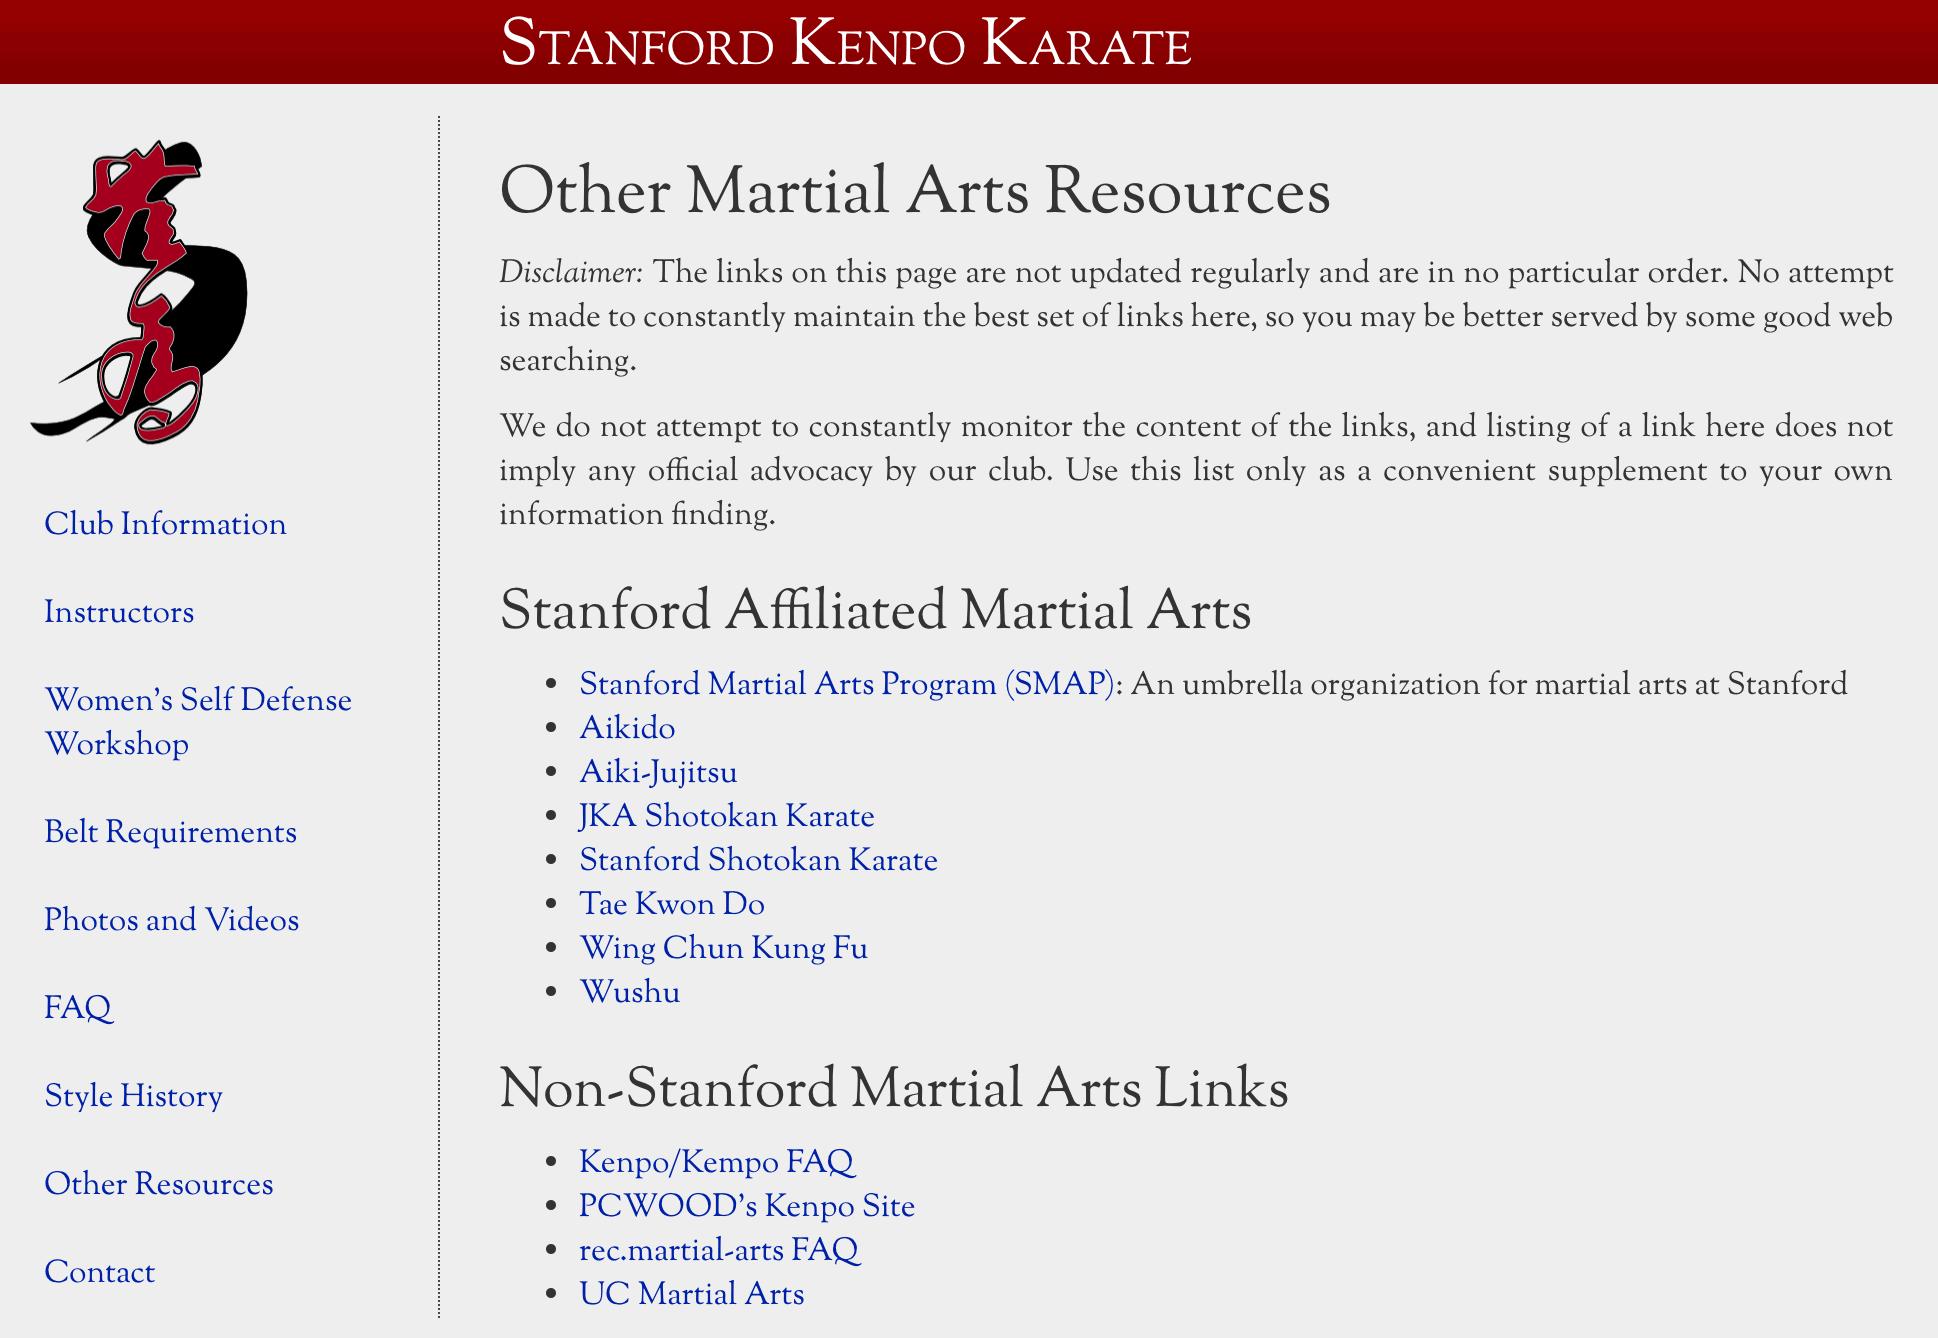 Пример страницы ресурса